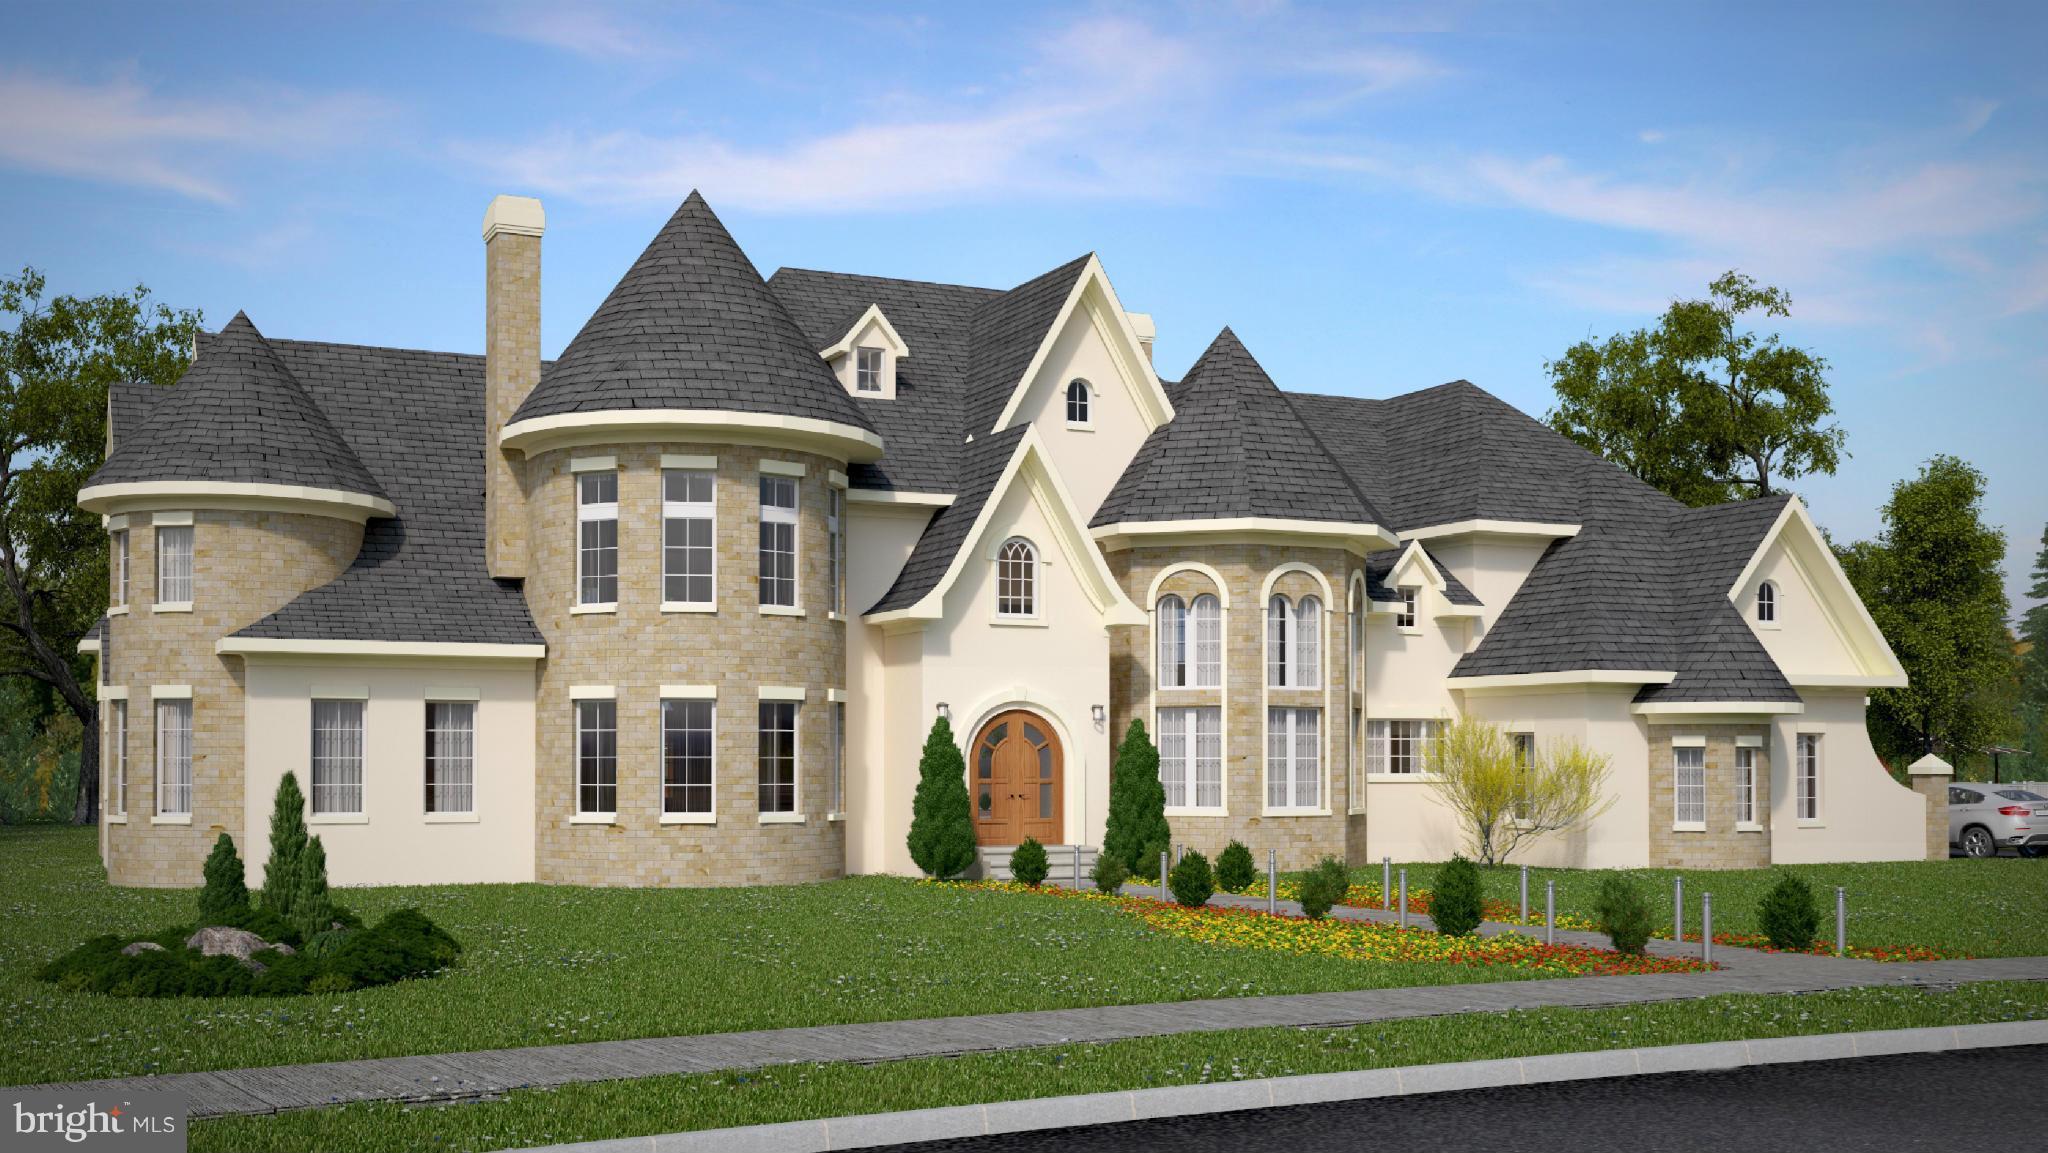 804 Hortense Pl, Great Falls, VA, 22066